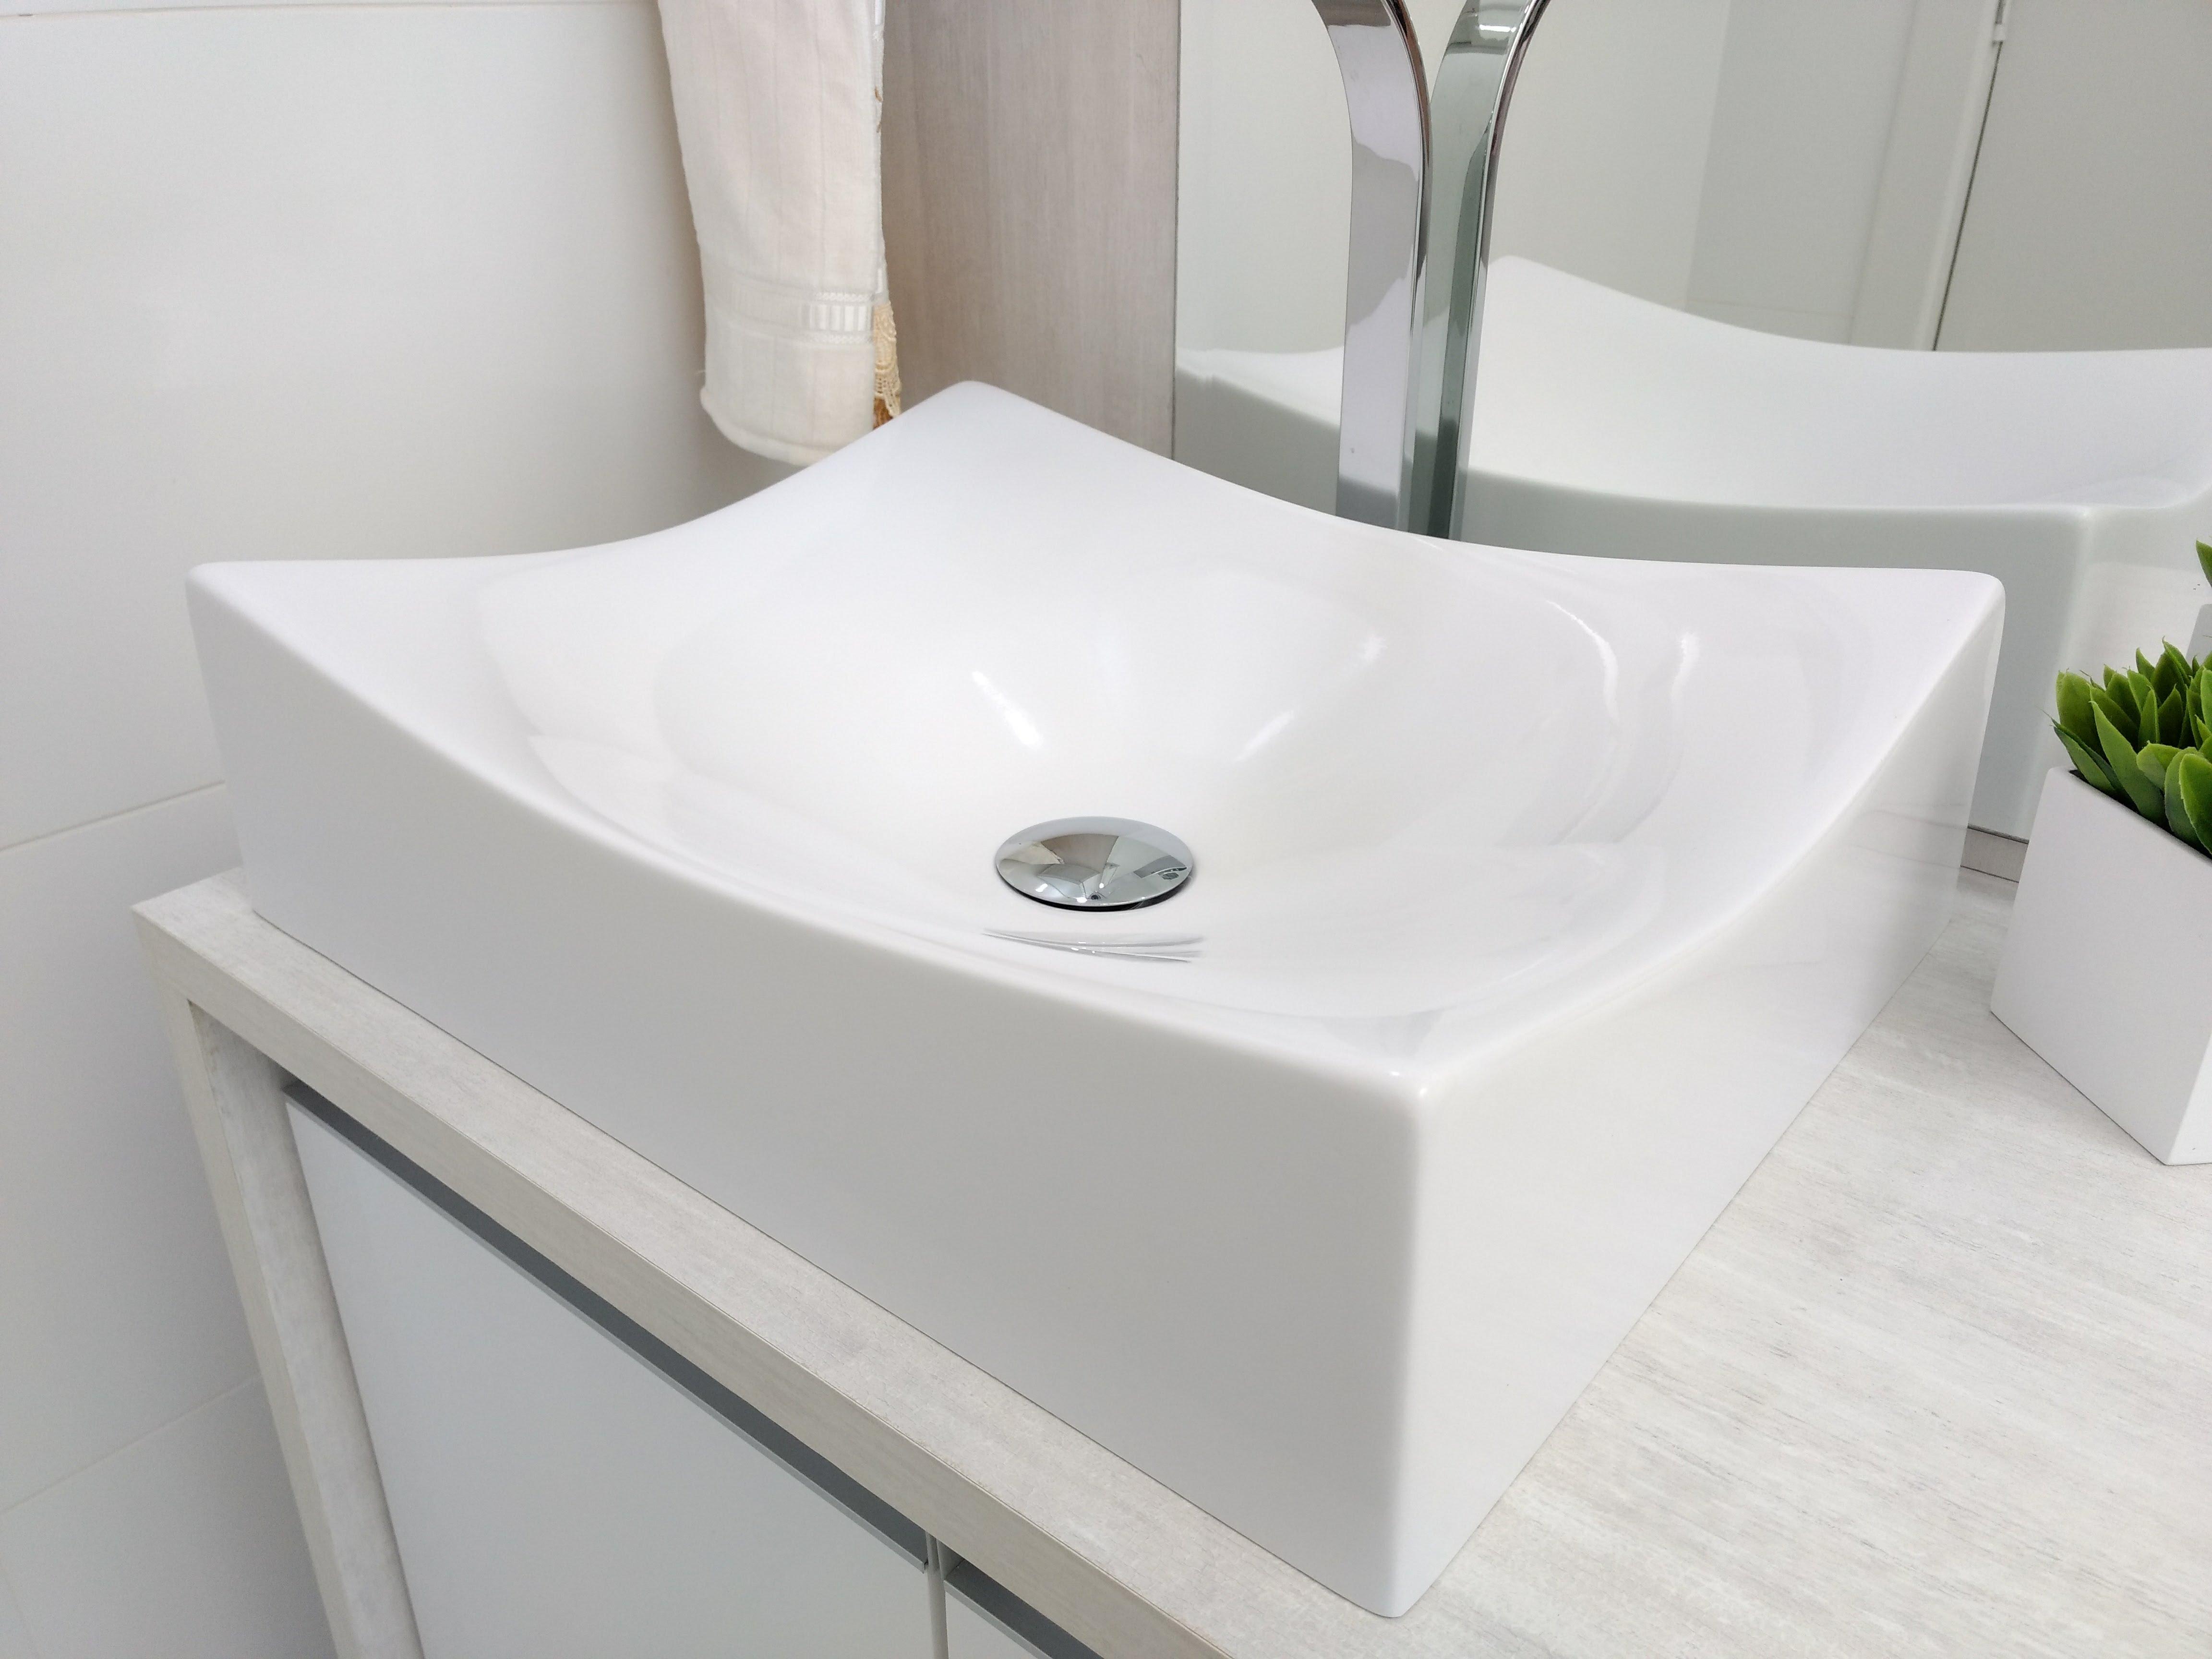 Cuba Apoio Pia Banheiro Folha 44cm X 35 5cm Macae Branco Branco Brilho Madeiramadeira